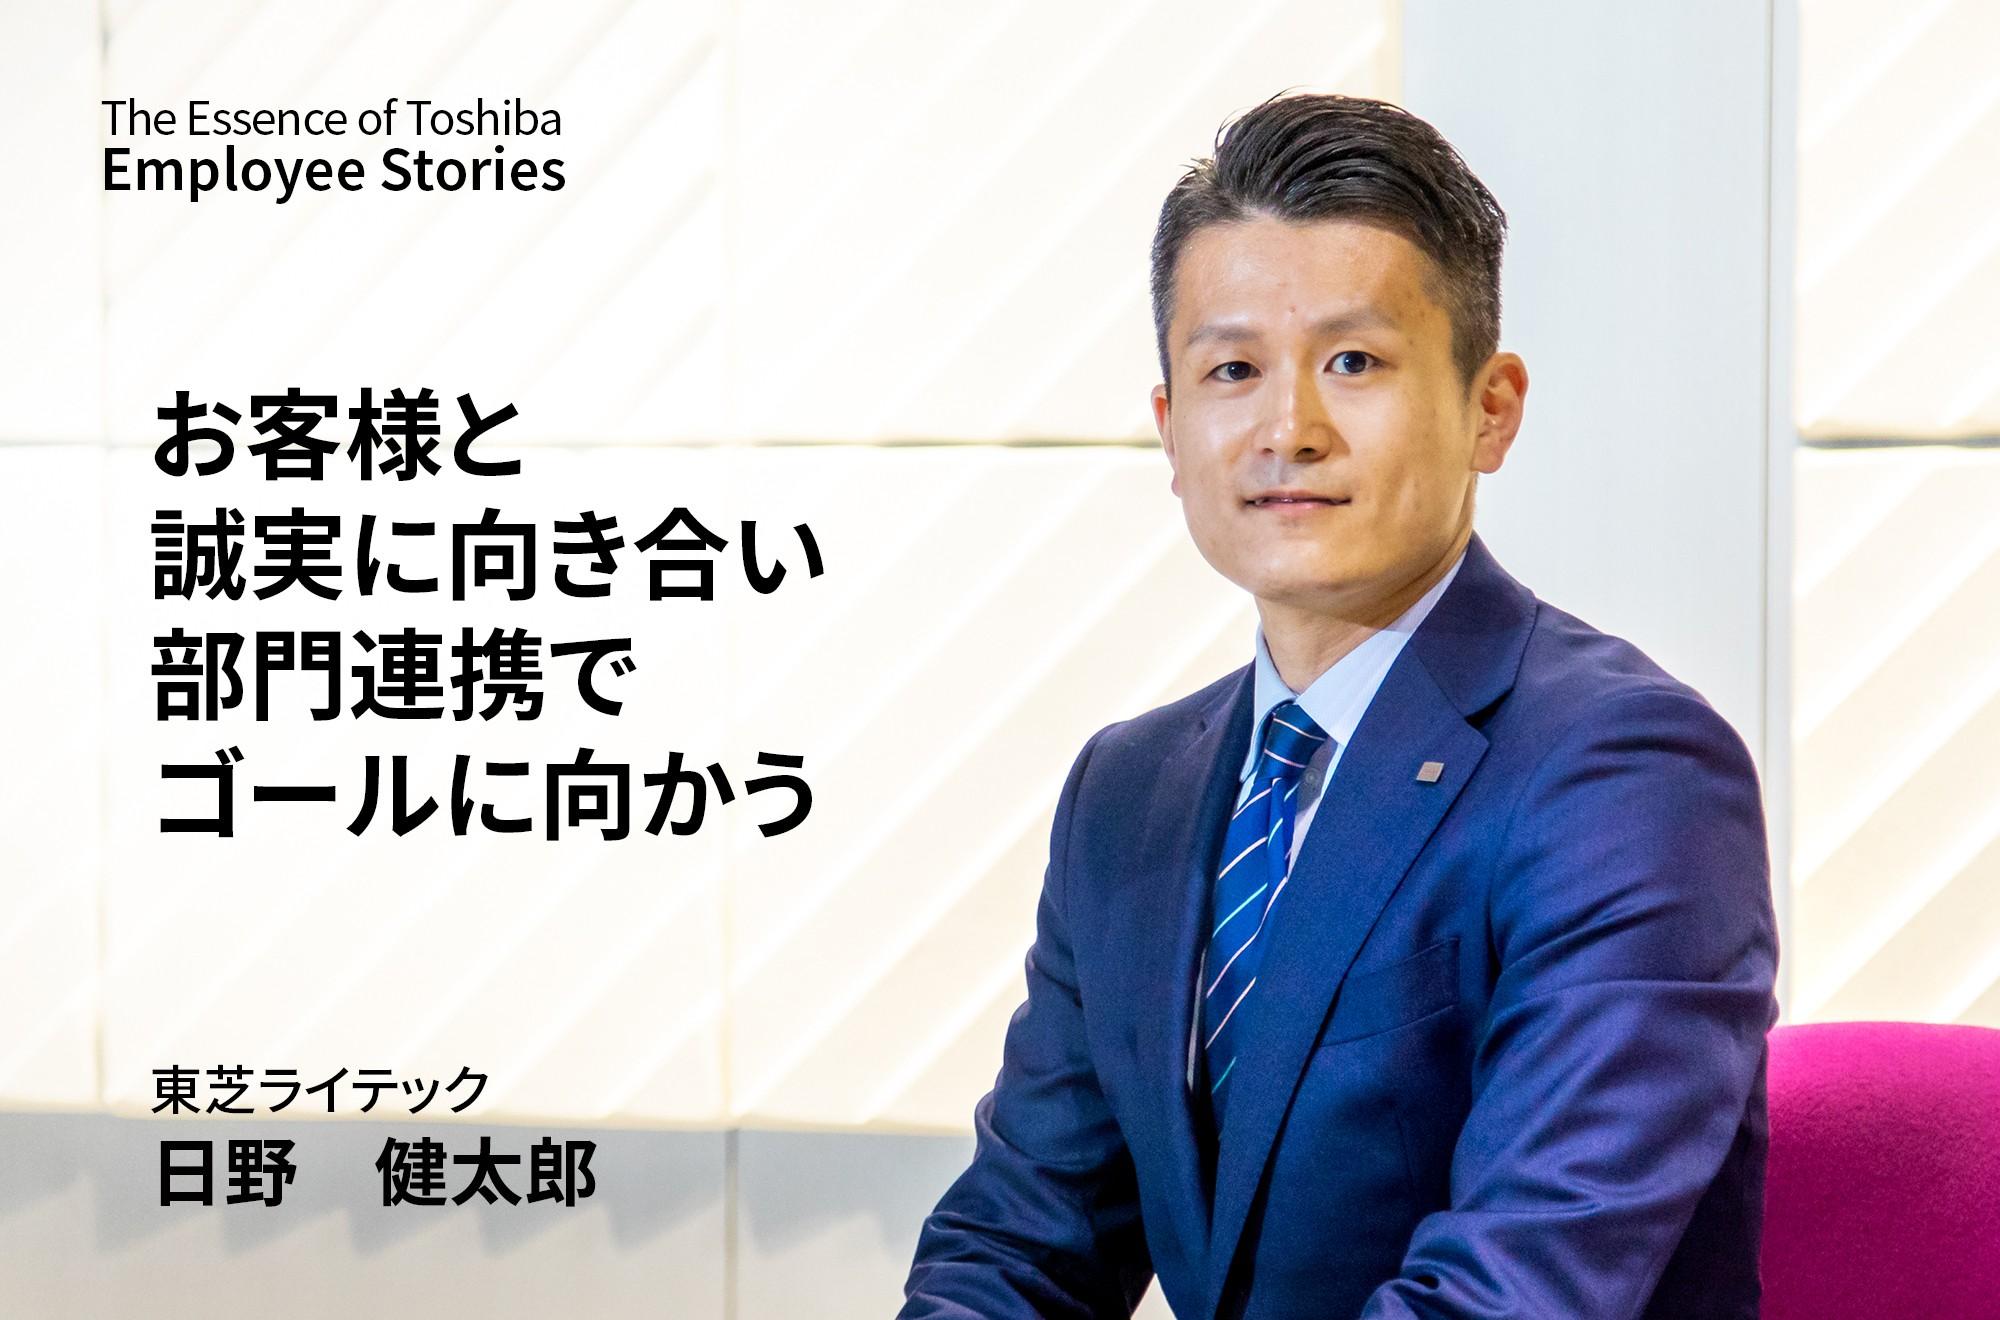 お客様と誠実に向き合い、部門連携でゴールに向かう ~理念ストーリー We are Toshiba~